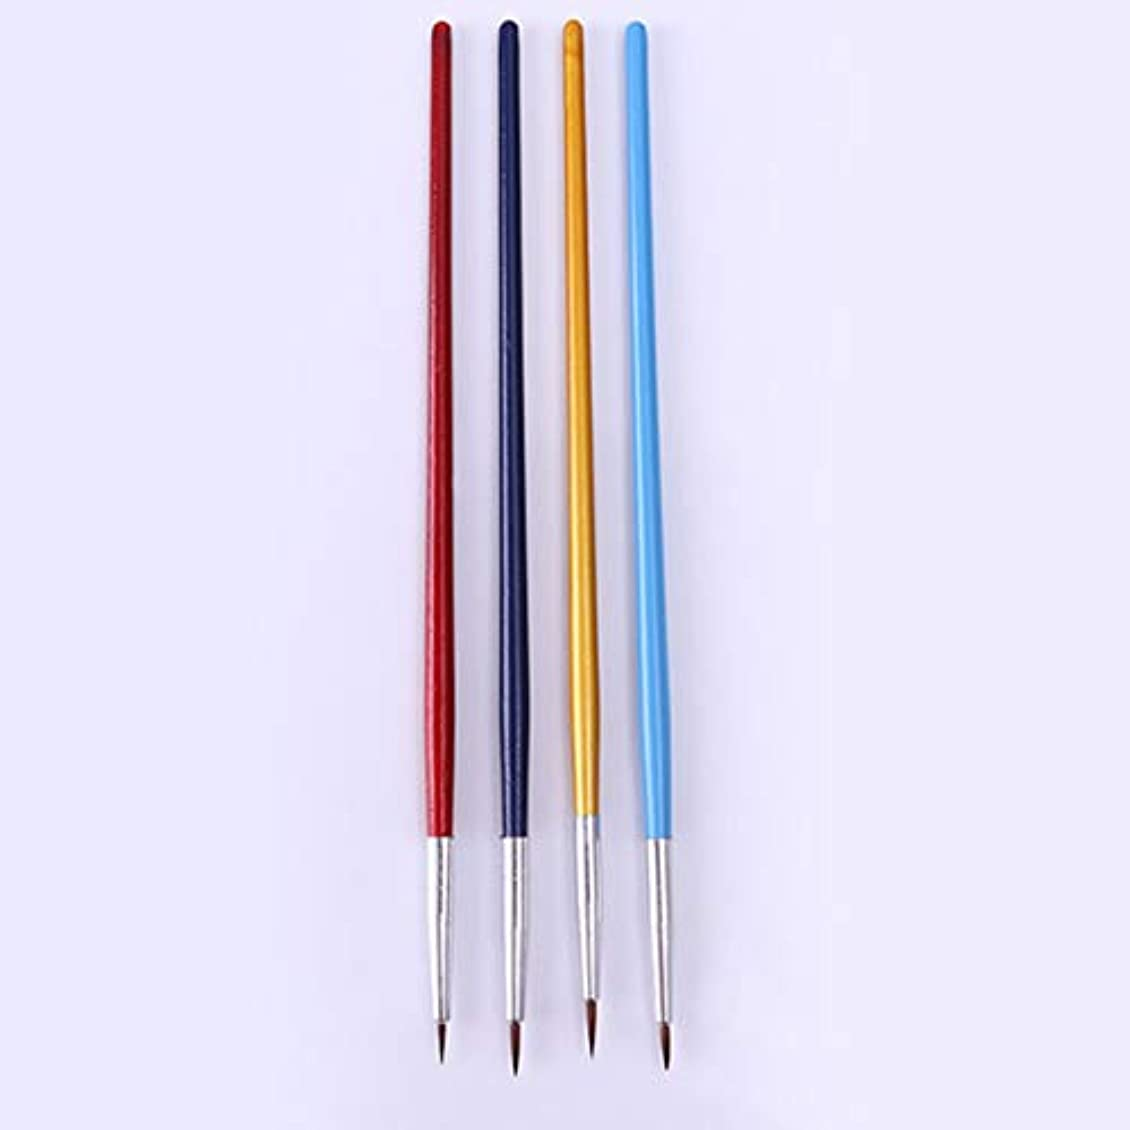 快適ファイナンス追放するOU-Kunmlef ブラシブラシペンキ塗りペンブラシブラシブラシブラシ(None Picture Color)